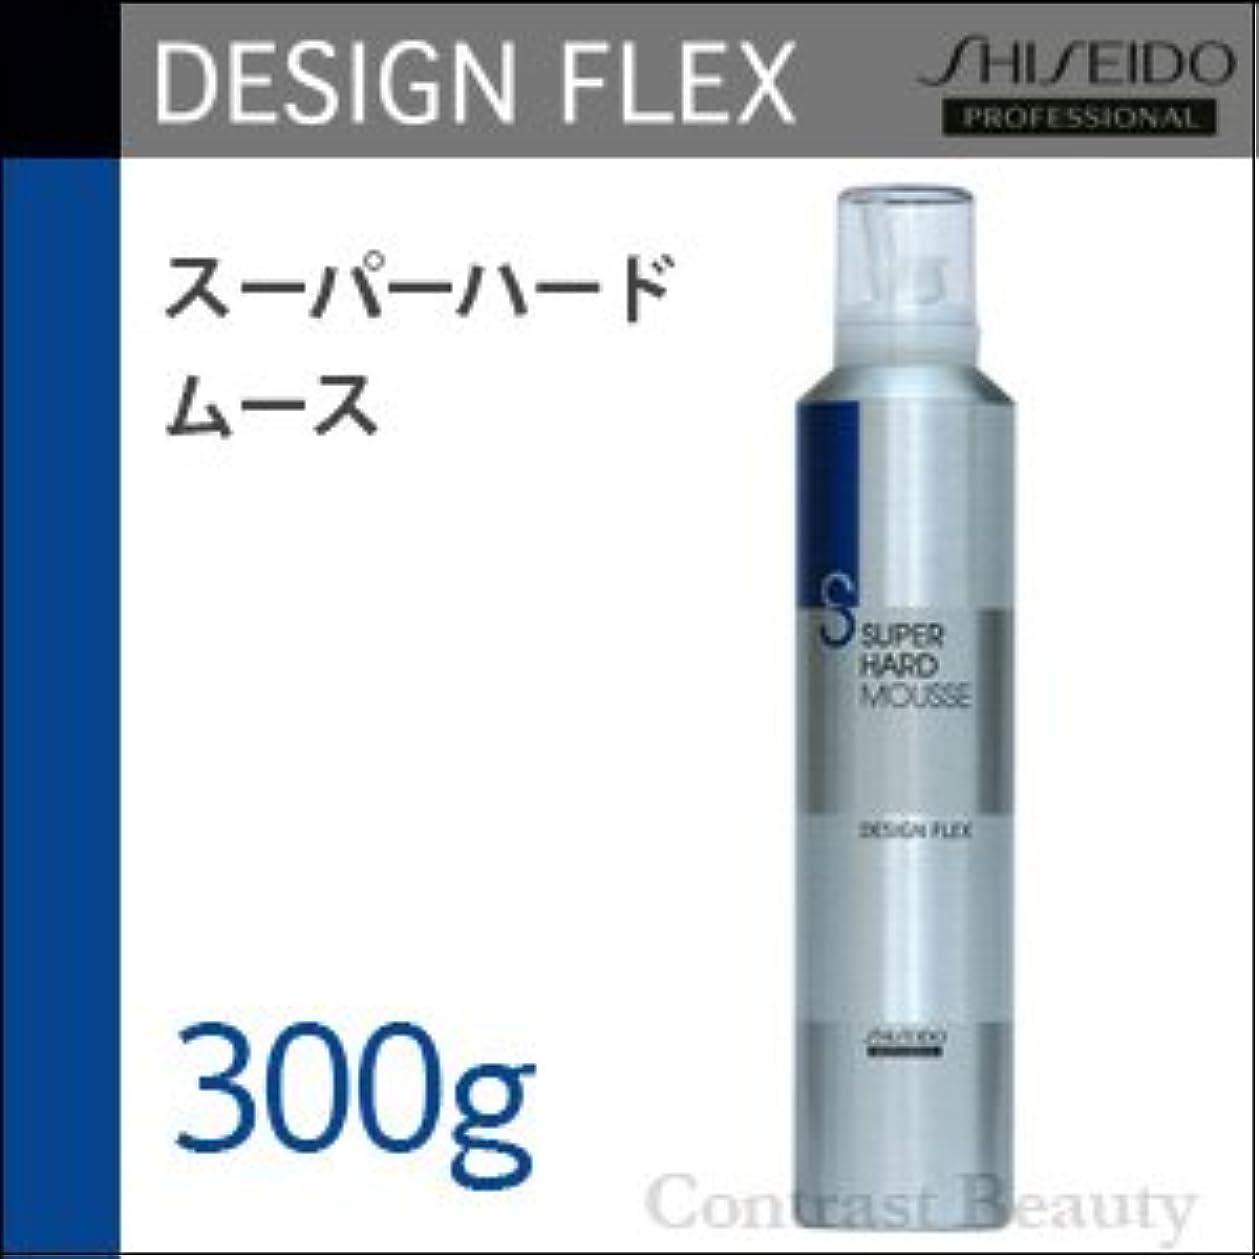 エンジニアガイドラインあいにく【x2個セット】 資生堂 デザインフレックス スーパーハードムース 300g